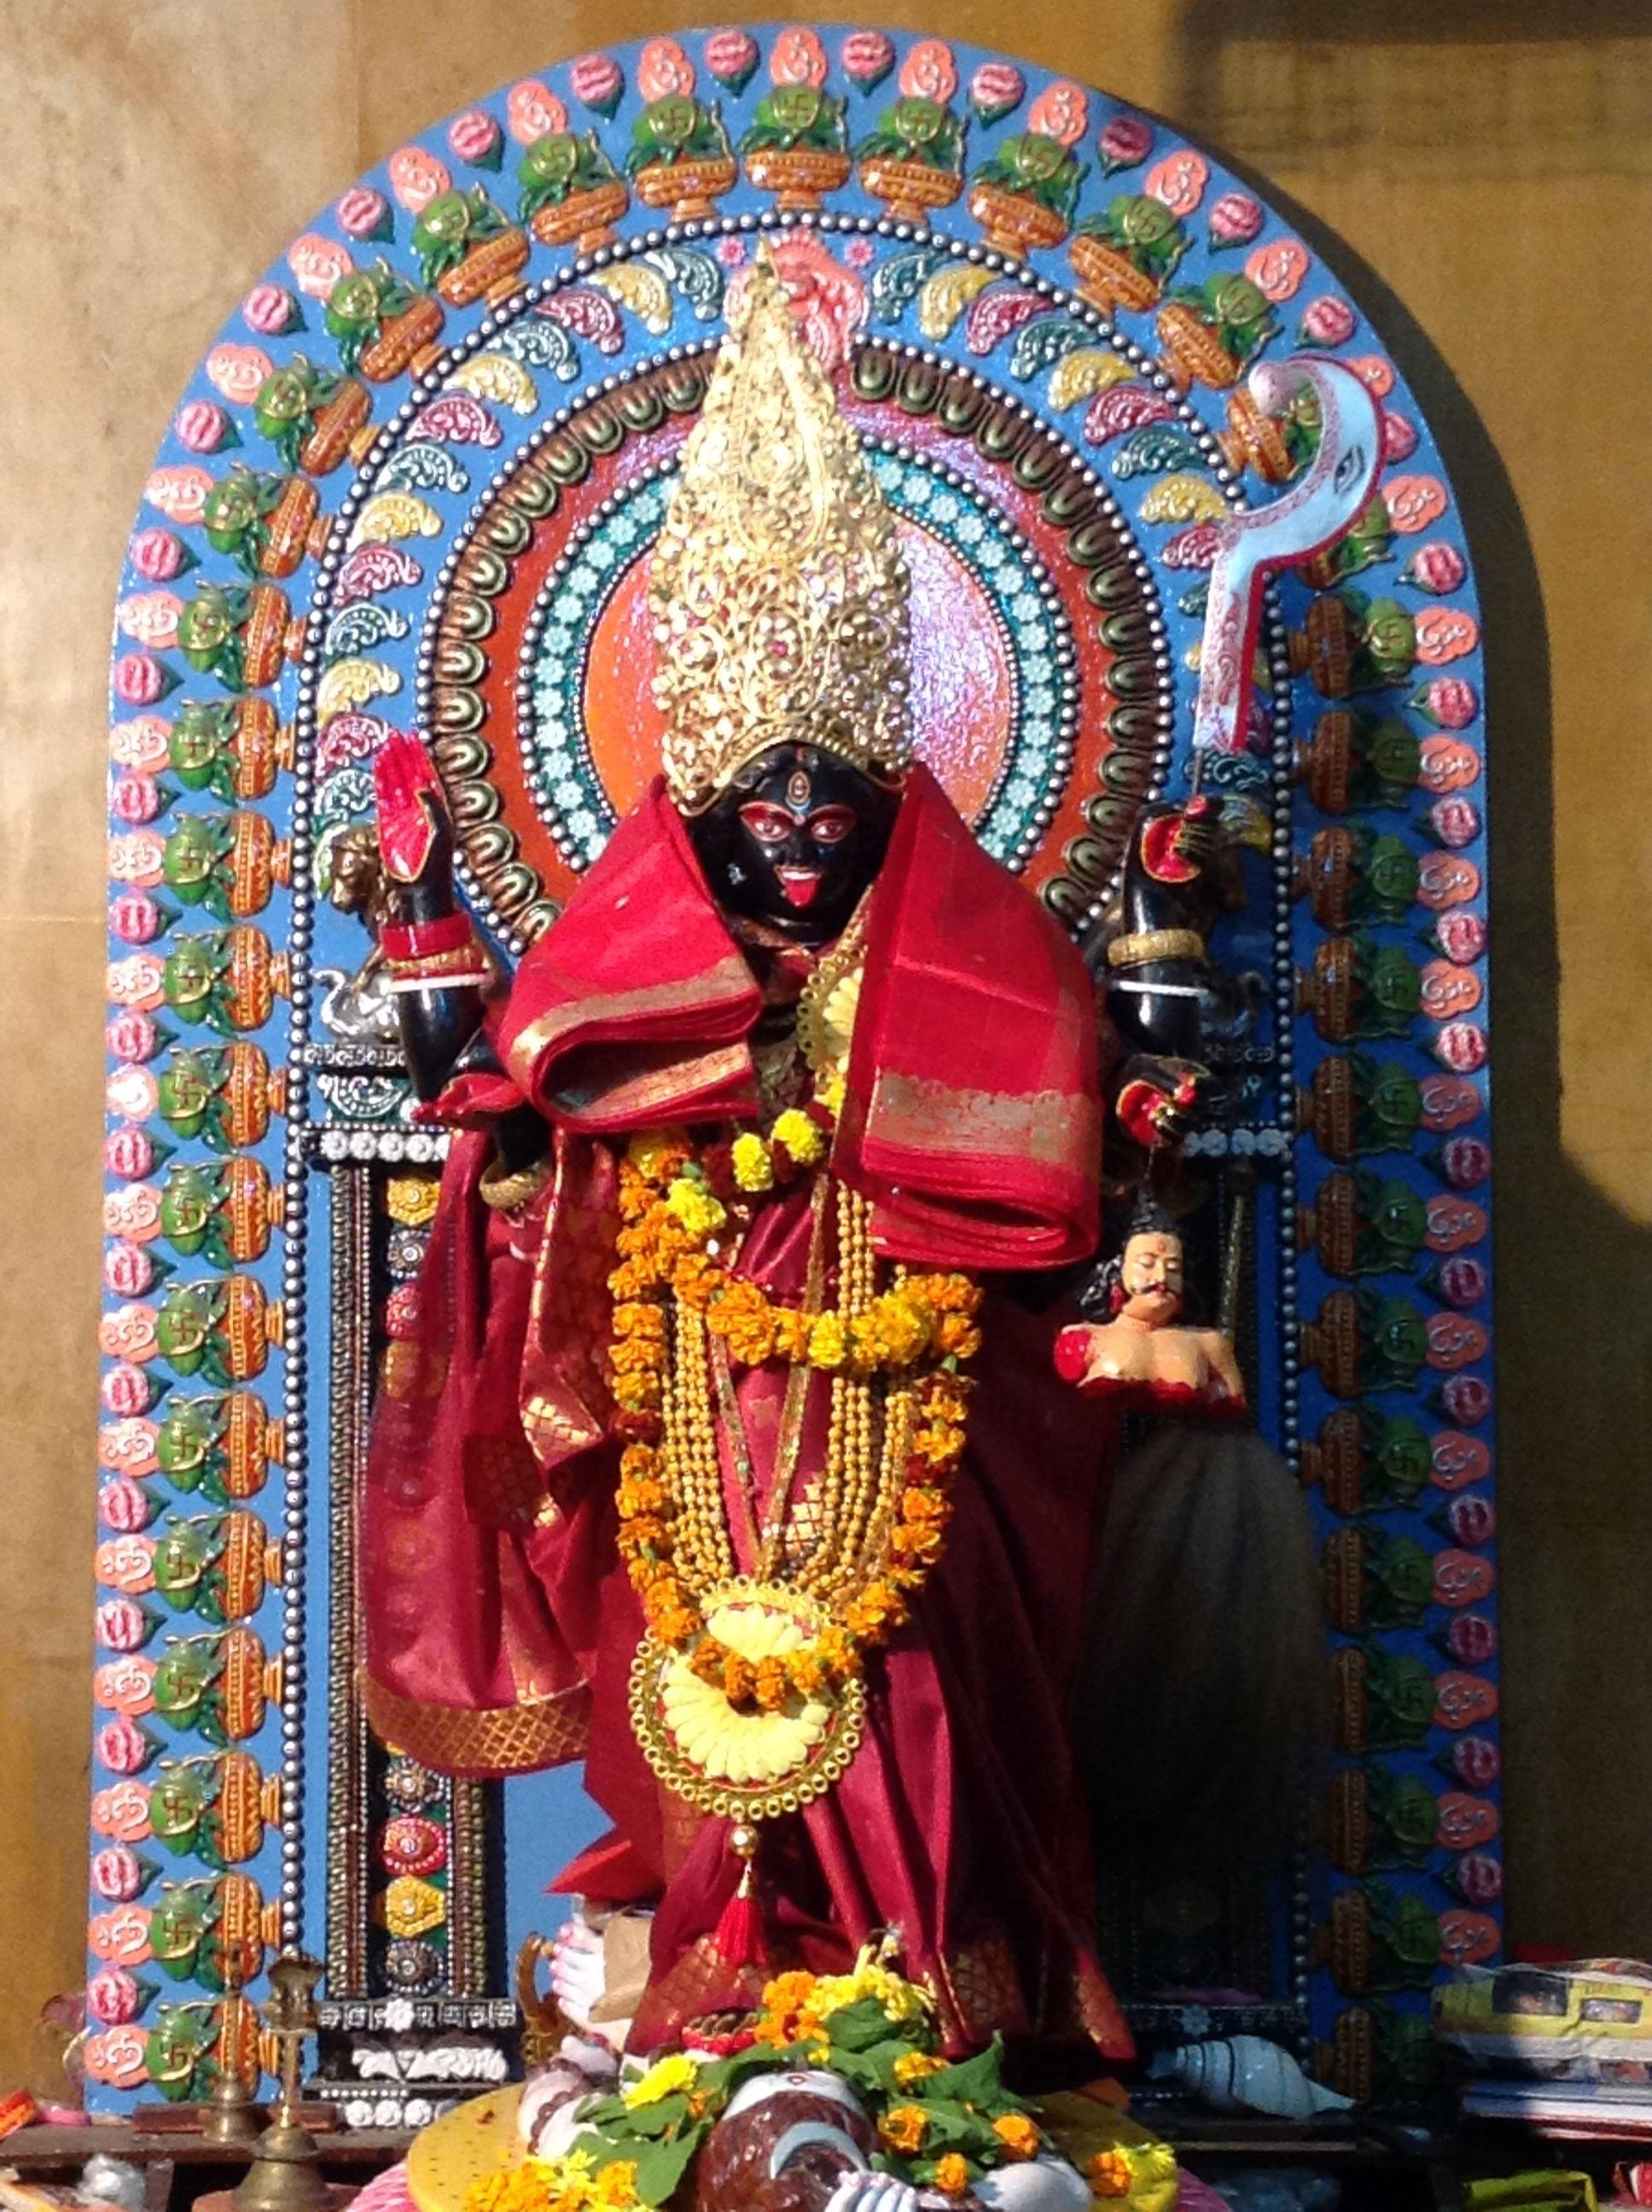 Kali-mandir-6(with Maa shawl)